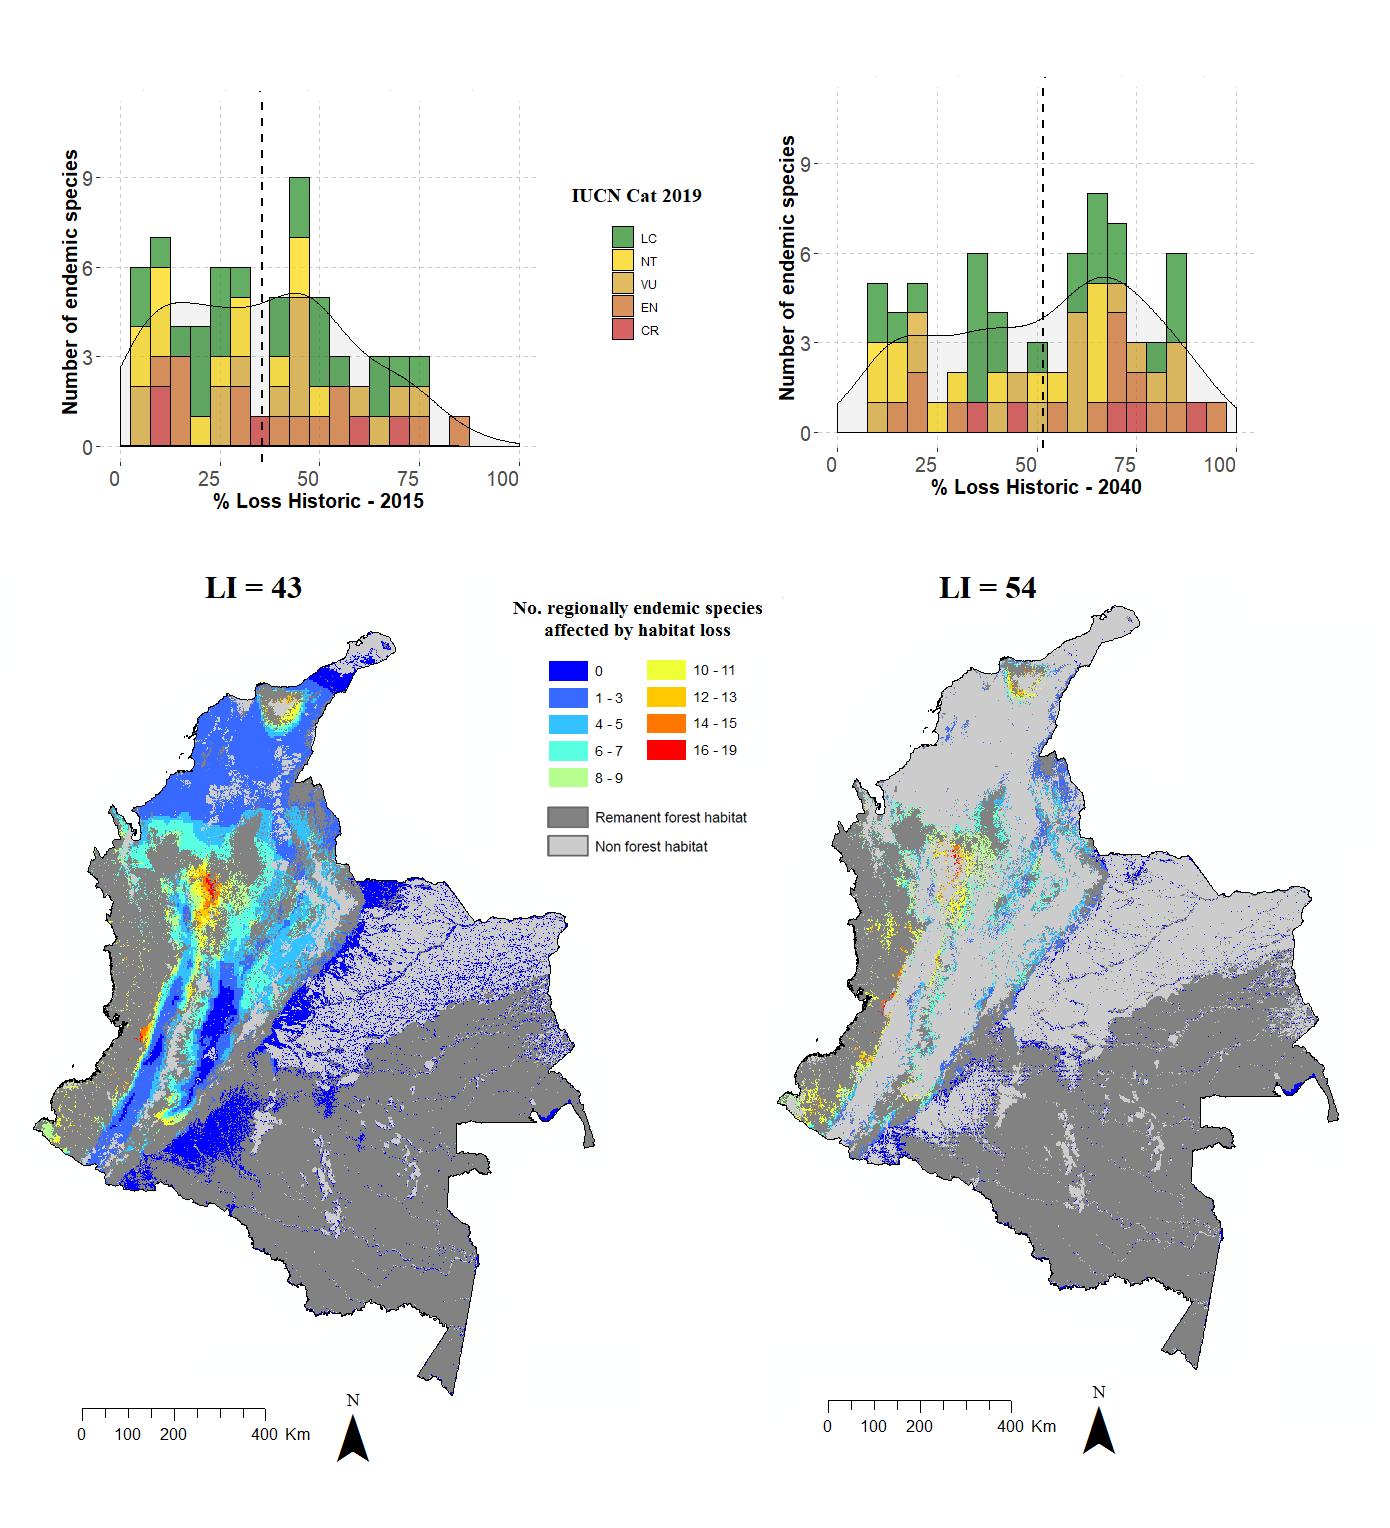 (a) Histograma del número de aves endémicas dependientes del bosque en Colombia (69) contra el porcentaje de pérdida de hábitat histórico hasta el 2105 y el proyectado para el 2040 en Colombia. Las líneas verticales punteadas negras muestran la pérdida media de hábitat. Las líneas continuas representan una estimación de recuento suavizada. (b) Índice de pérdida de hábitat (LI) y mapa del número de aves endémicas regionales dependientes de los bosques potencialmente afectadas por la pérdida de hábitat en diferentes regiones de Colombia. Azul oscuro: 0 especies afectadas por pérdida de hábitat. En rojo: las zonas donde más especies endémicas de aves se vieron más afectadas por pérdida de hábitat para 2015 y (c) 2040.